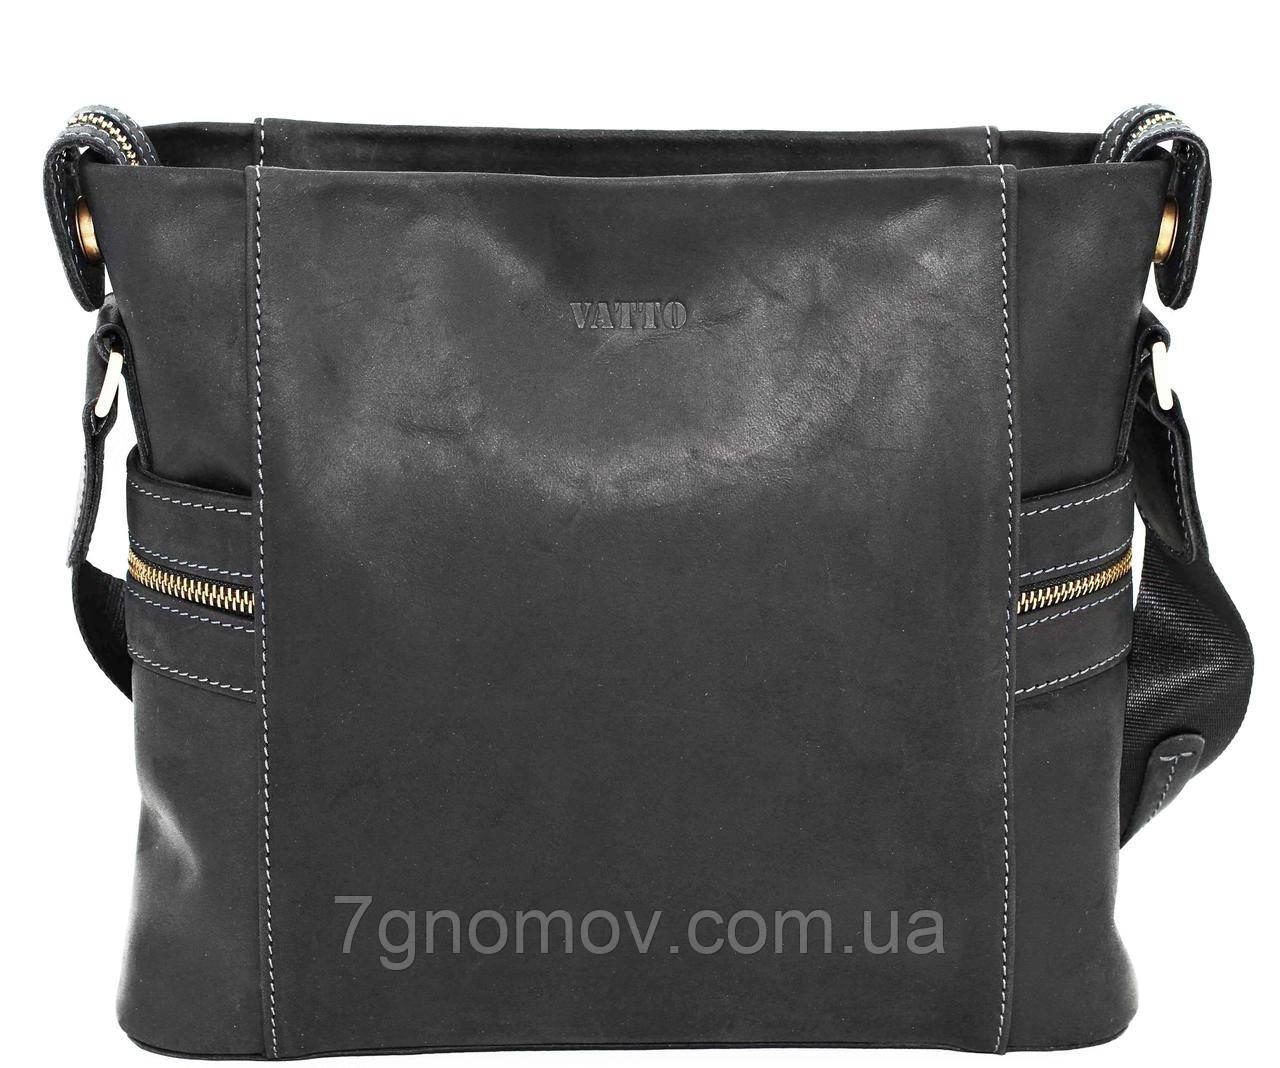 Мужская сумка VATTO Mk39.2 Kr670